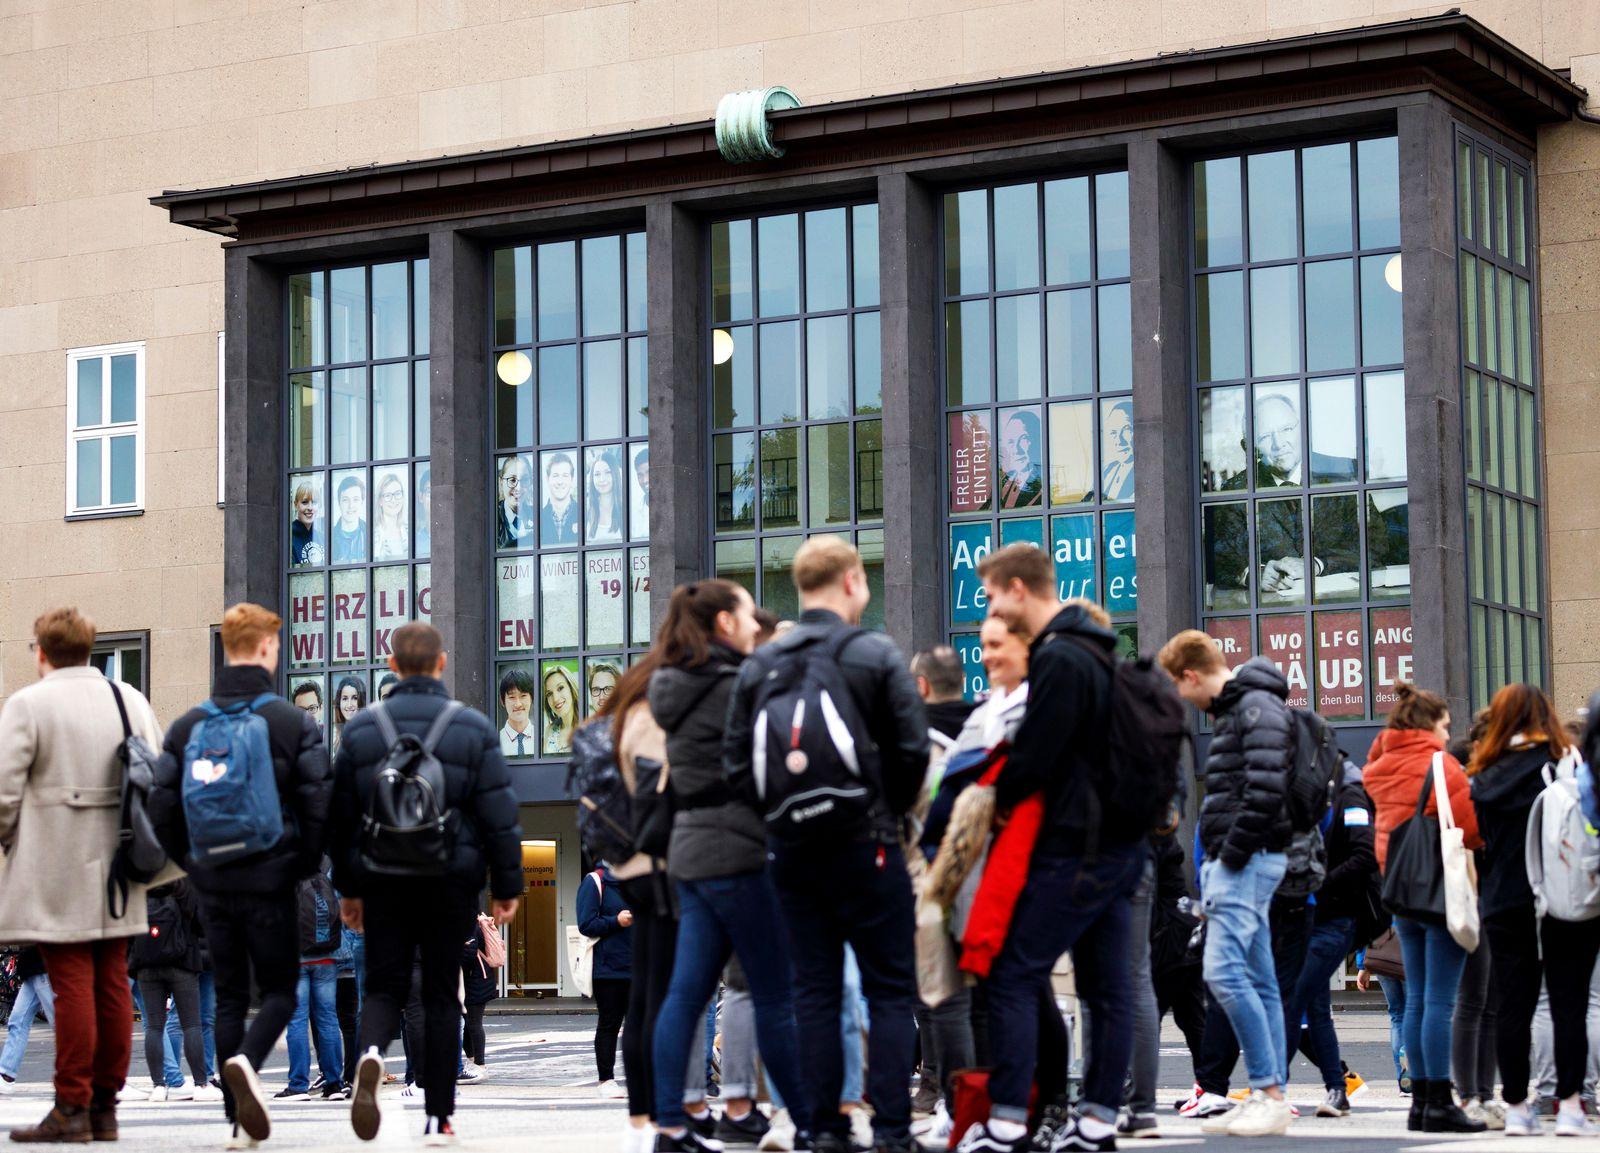 Erstsemester-Begr¸?ung an der Universit?t zu K?ln. K?ln, 07.10.2019 *** First semester welcome at the University of Col